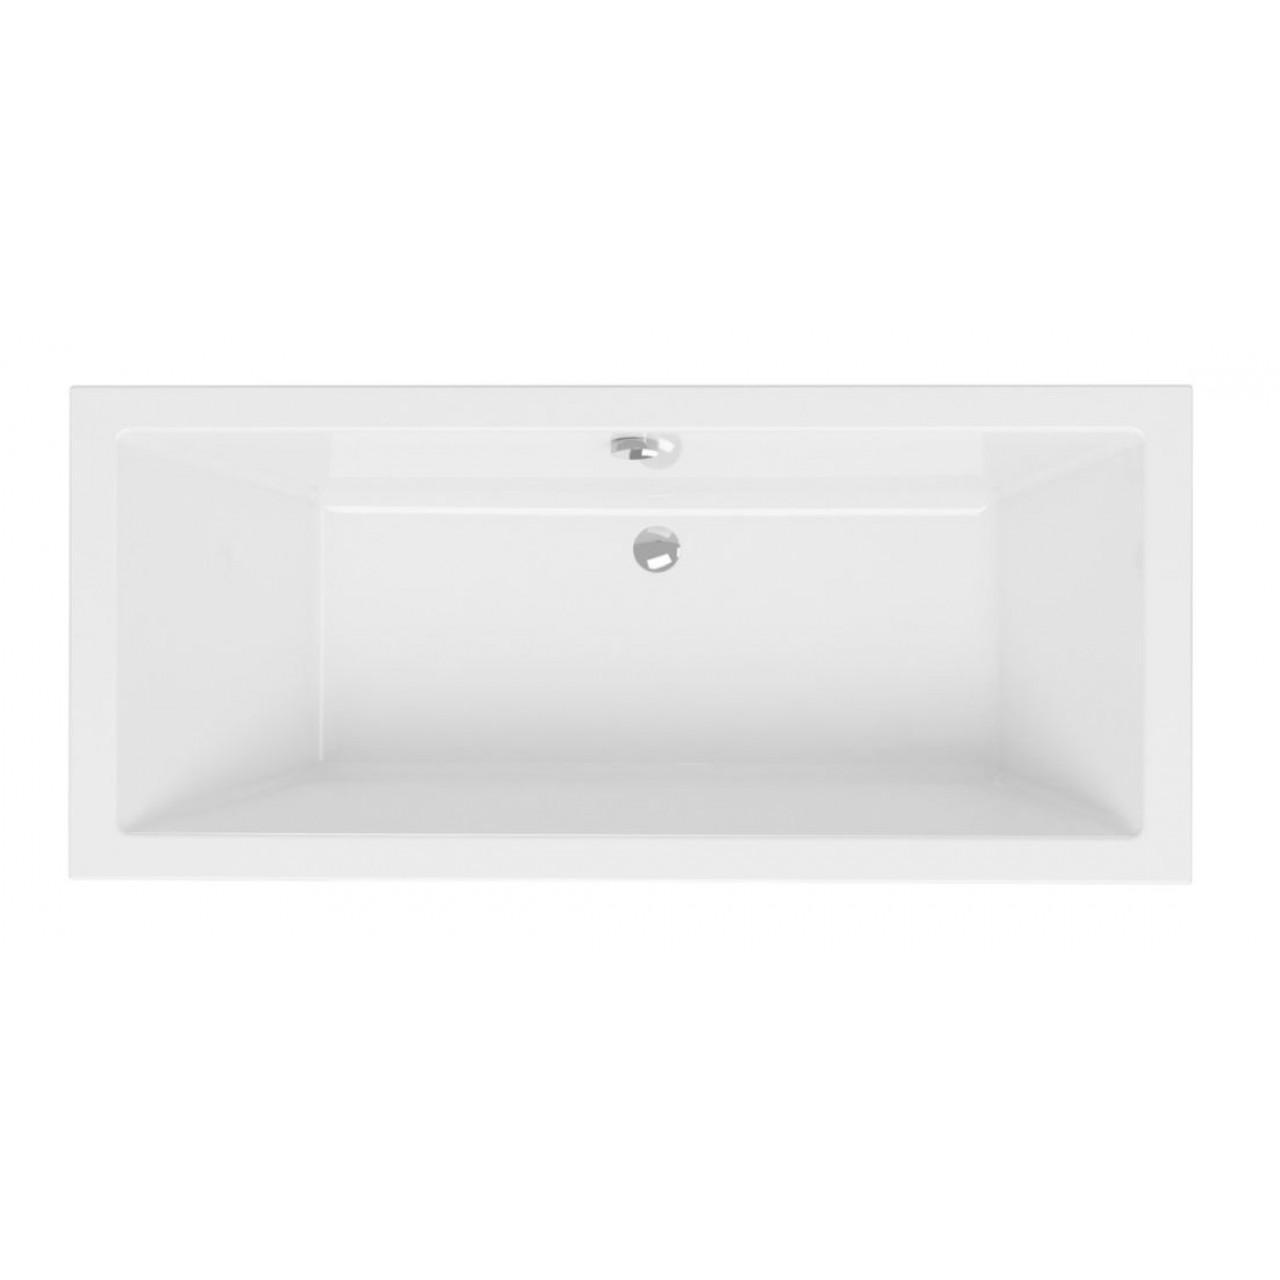 Акриловая ванна Cersanit Lorena WP-LORENA*160 160x70 см купить в Москве по цене от 10490р. в интернет-магазине mebel-v-vannu.ru